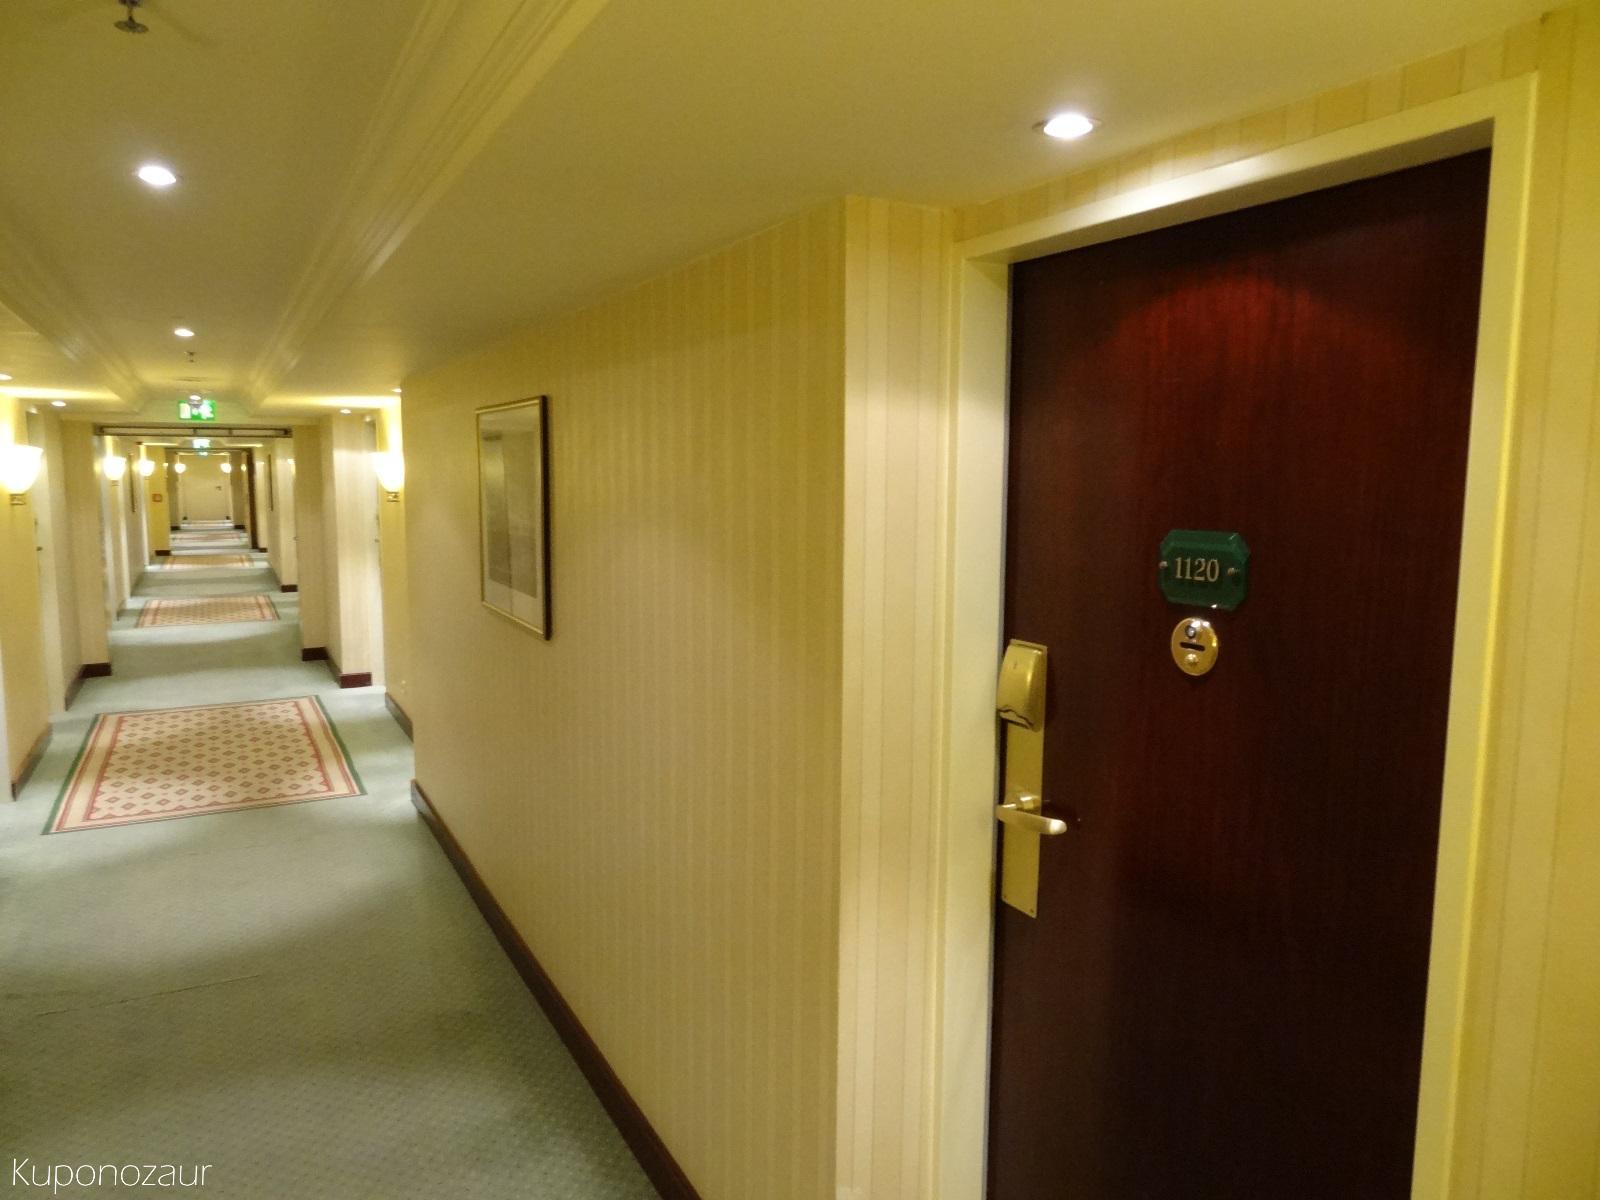 Hotel InterContinental Frankfurt pokój 1120